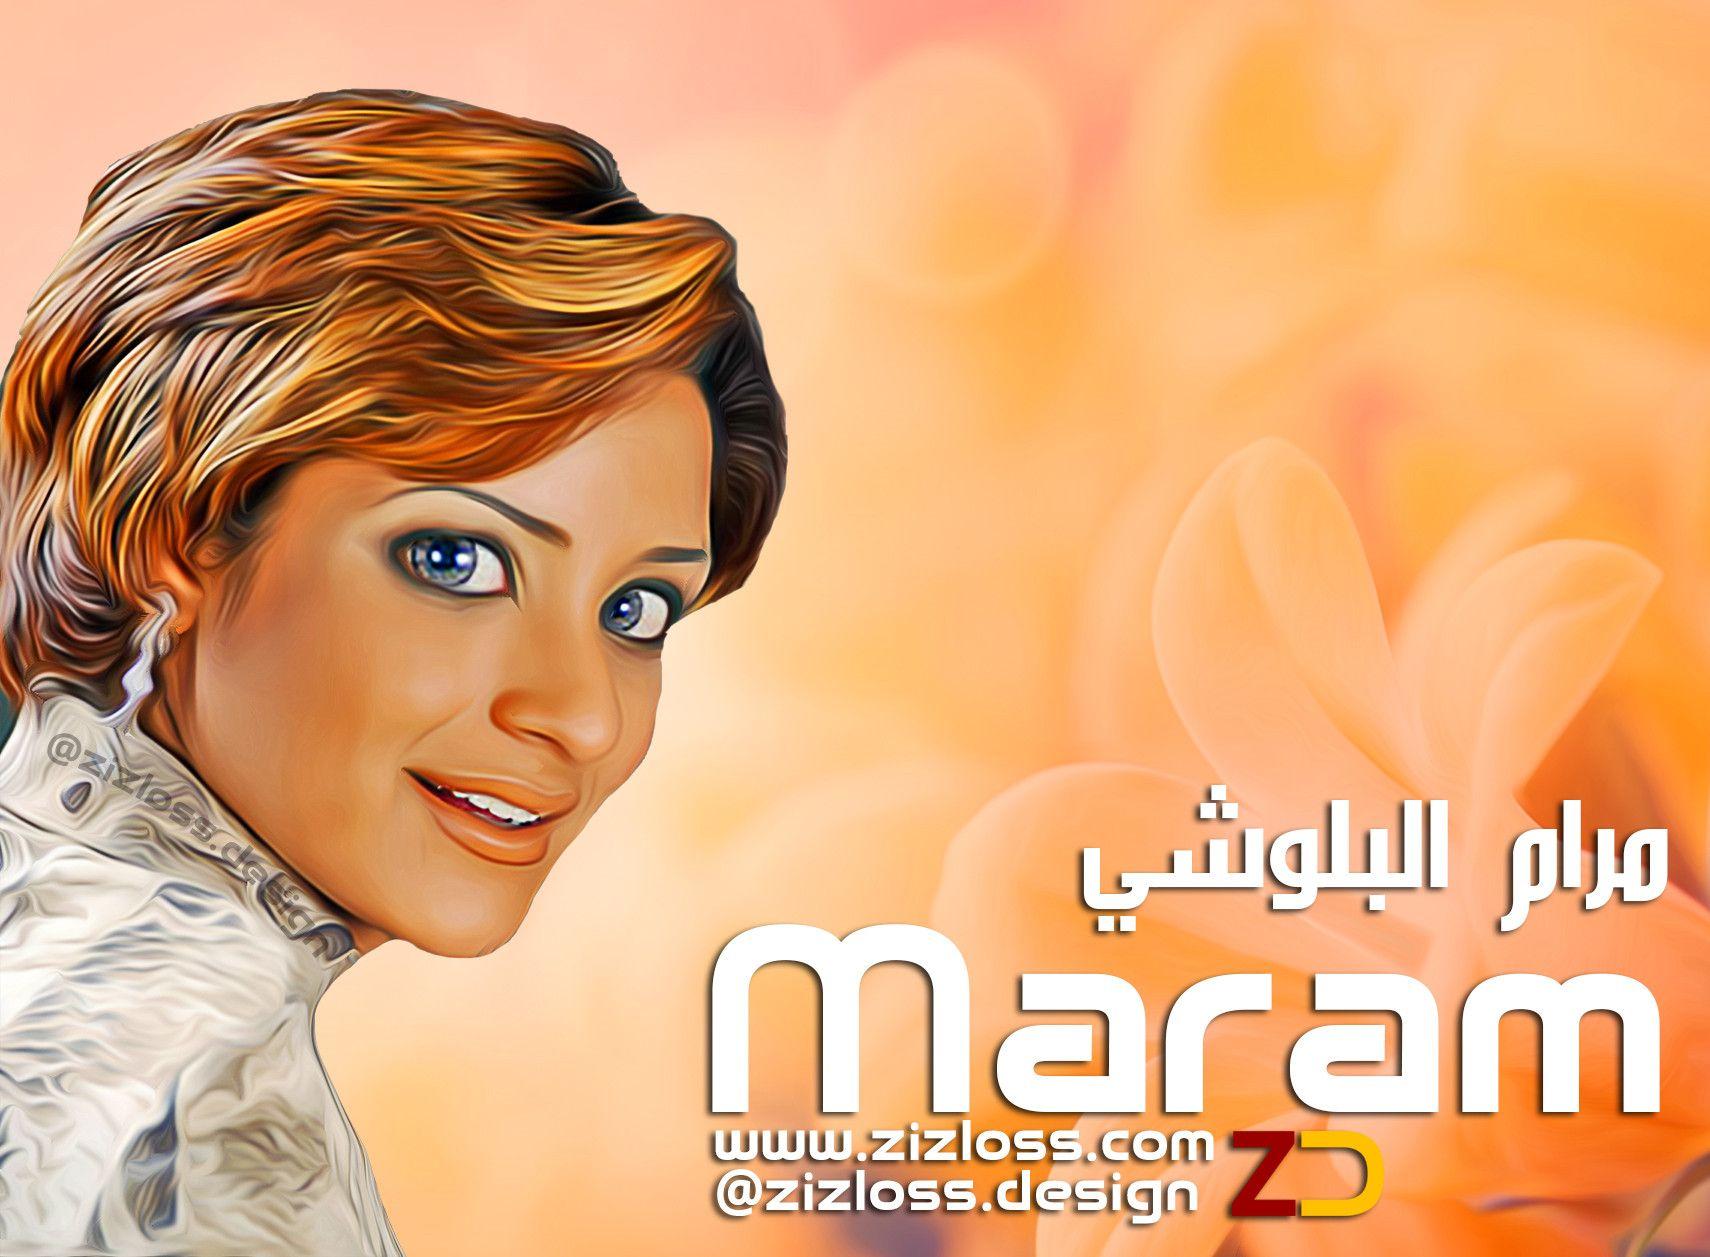 مرام البلوشي Maram Www Zizloss Com Design Caricature Kuwait Make Your Own Caricature Caricature Movie Posters Poster